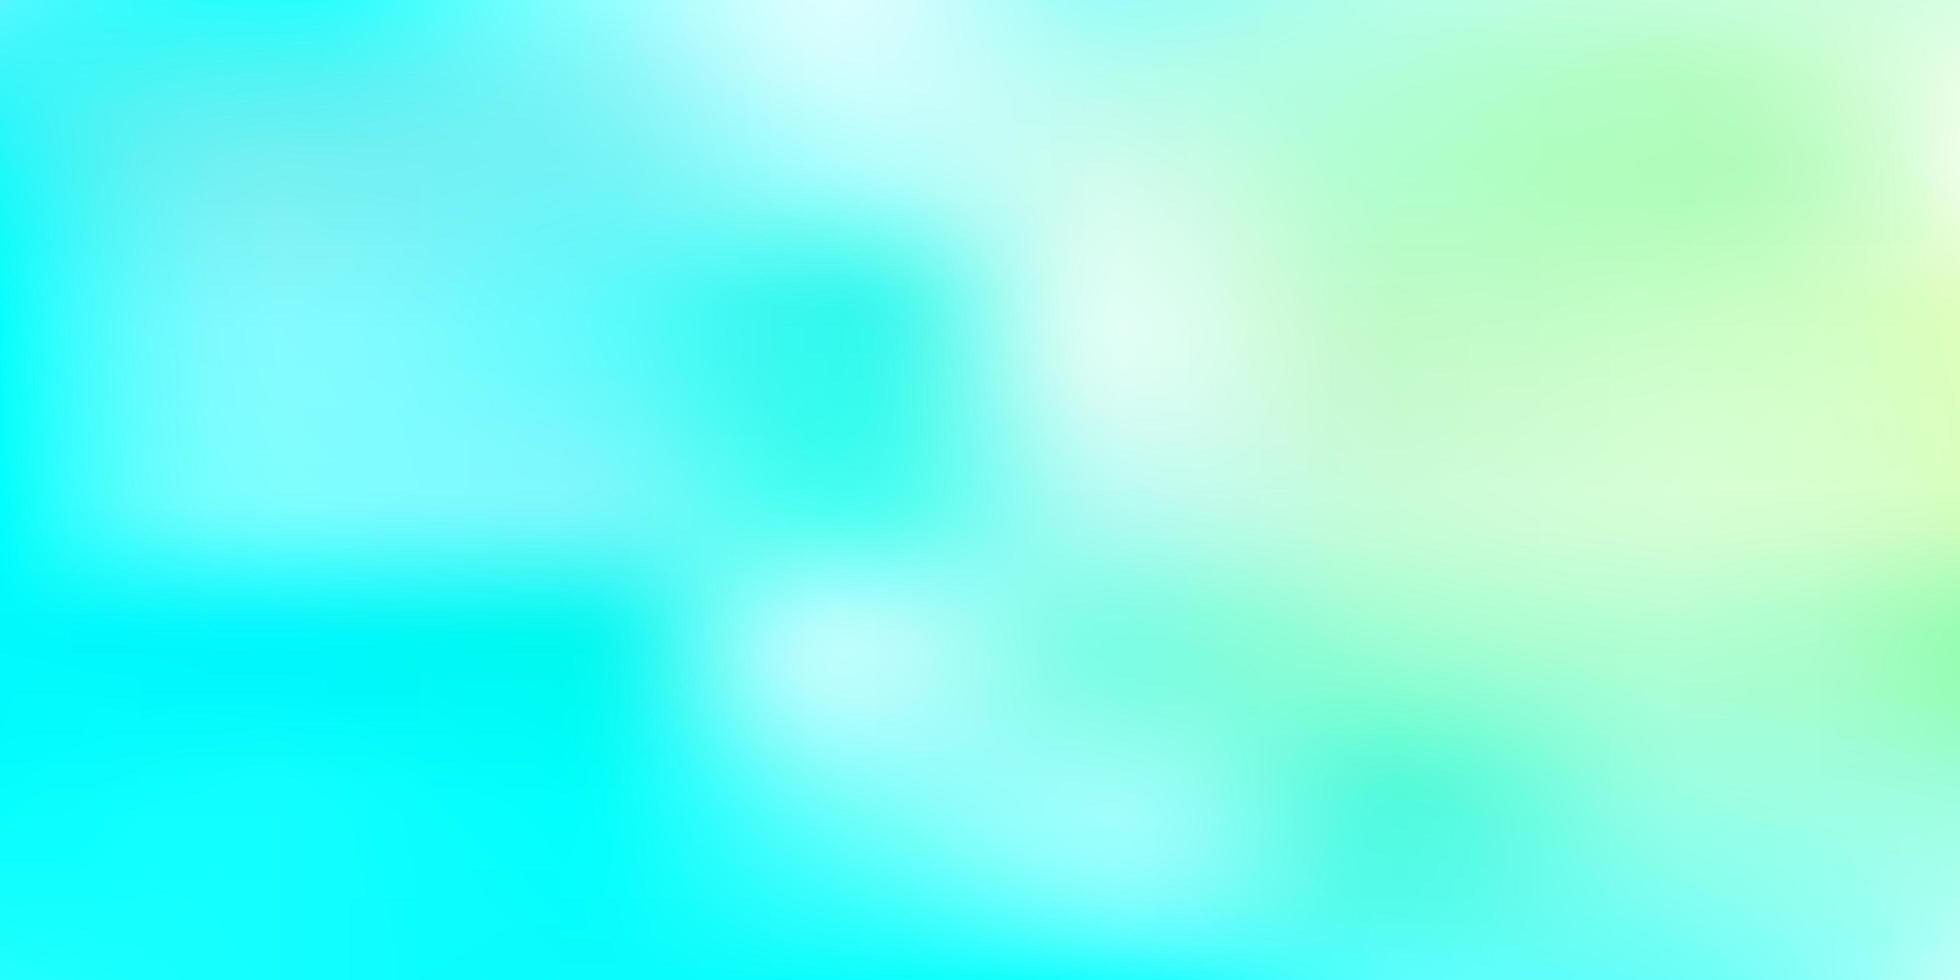 hellblaue Vektorunschärfe Vorlage vektor